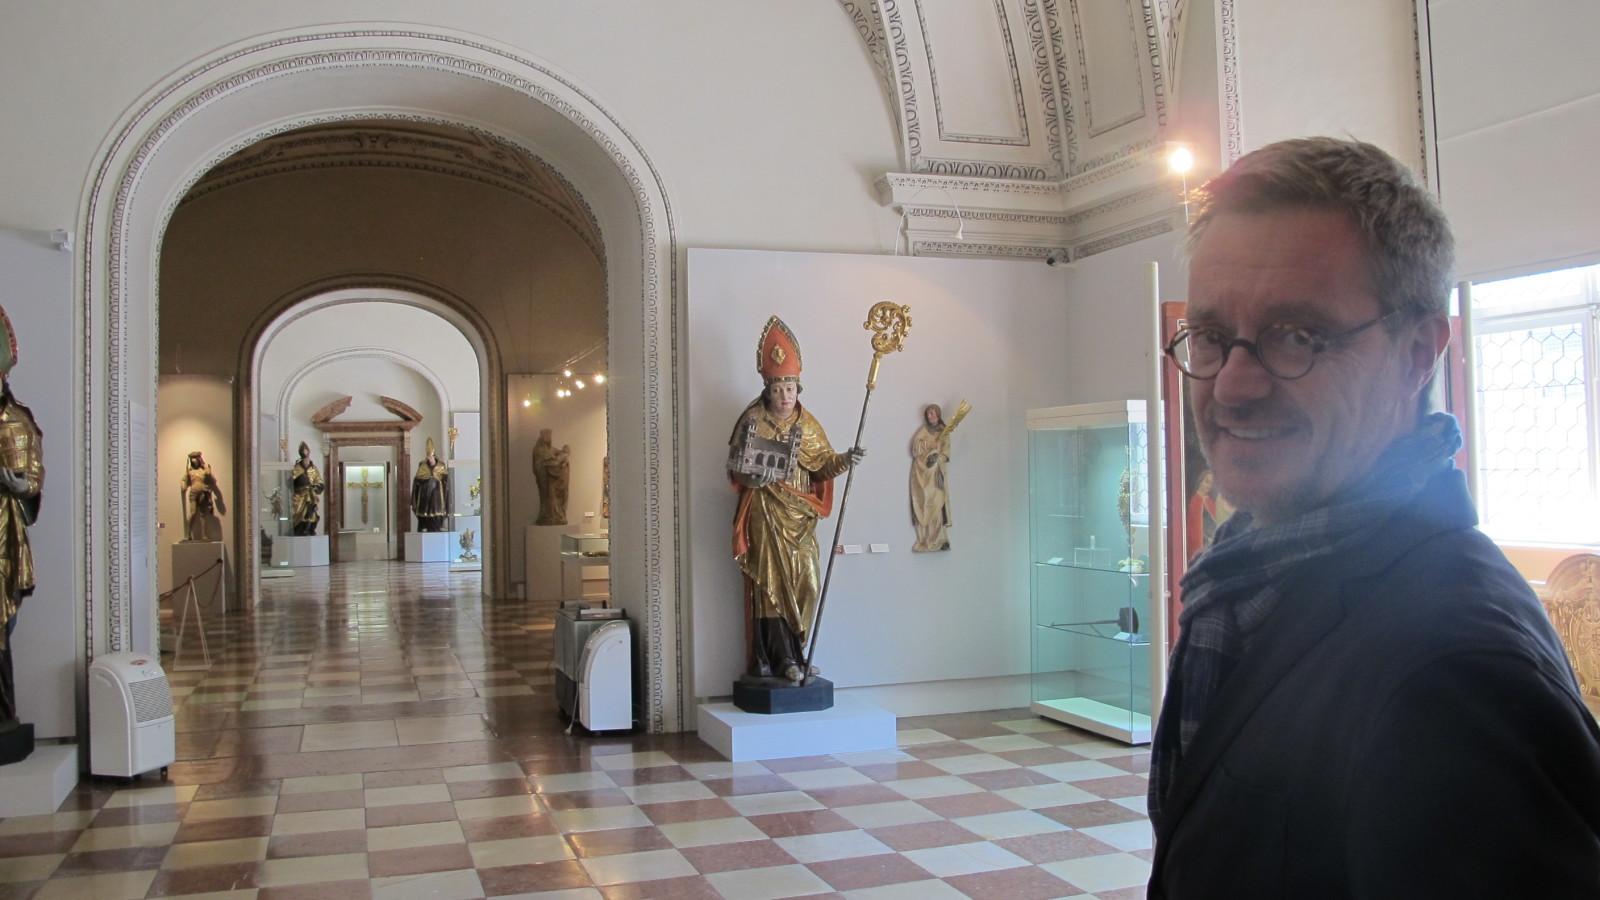 Dommuseumsdirektor Dr. Peter Keller in